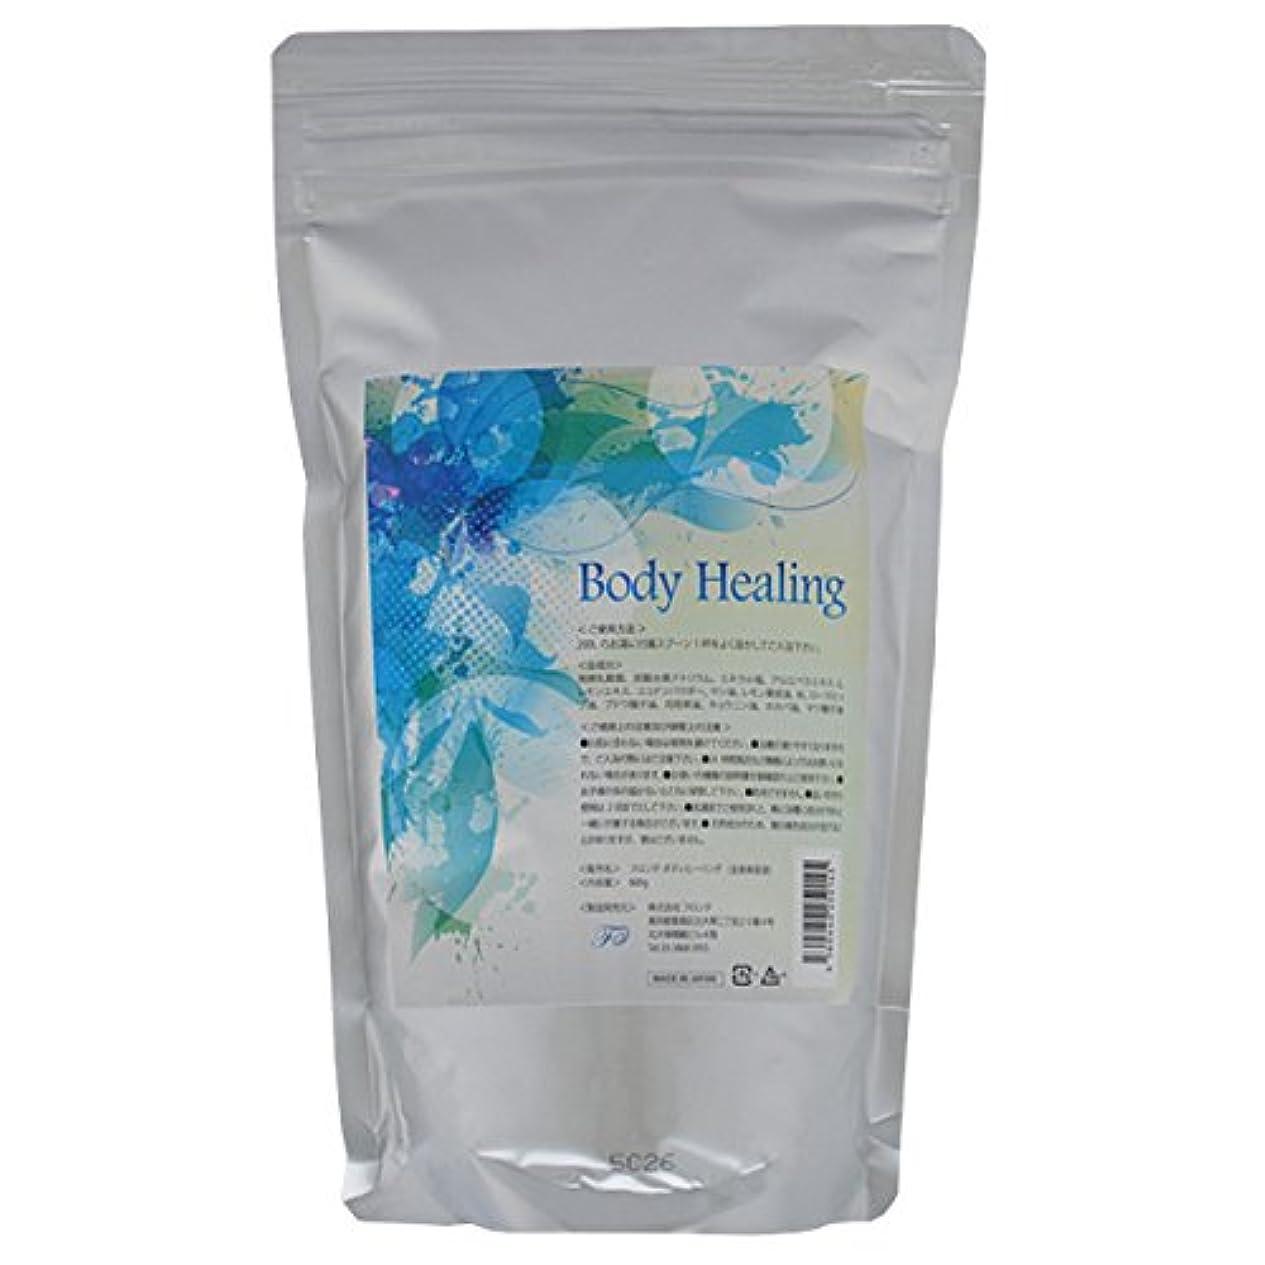 接尾辞耳理容室Body Healing 600g (ボディーヒーリング)